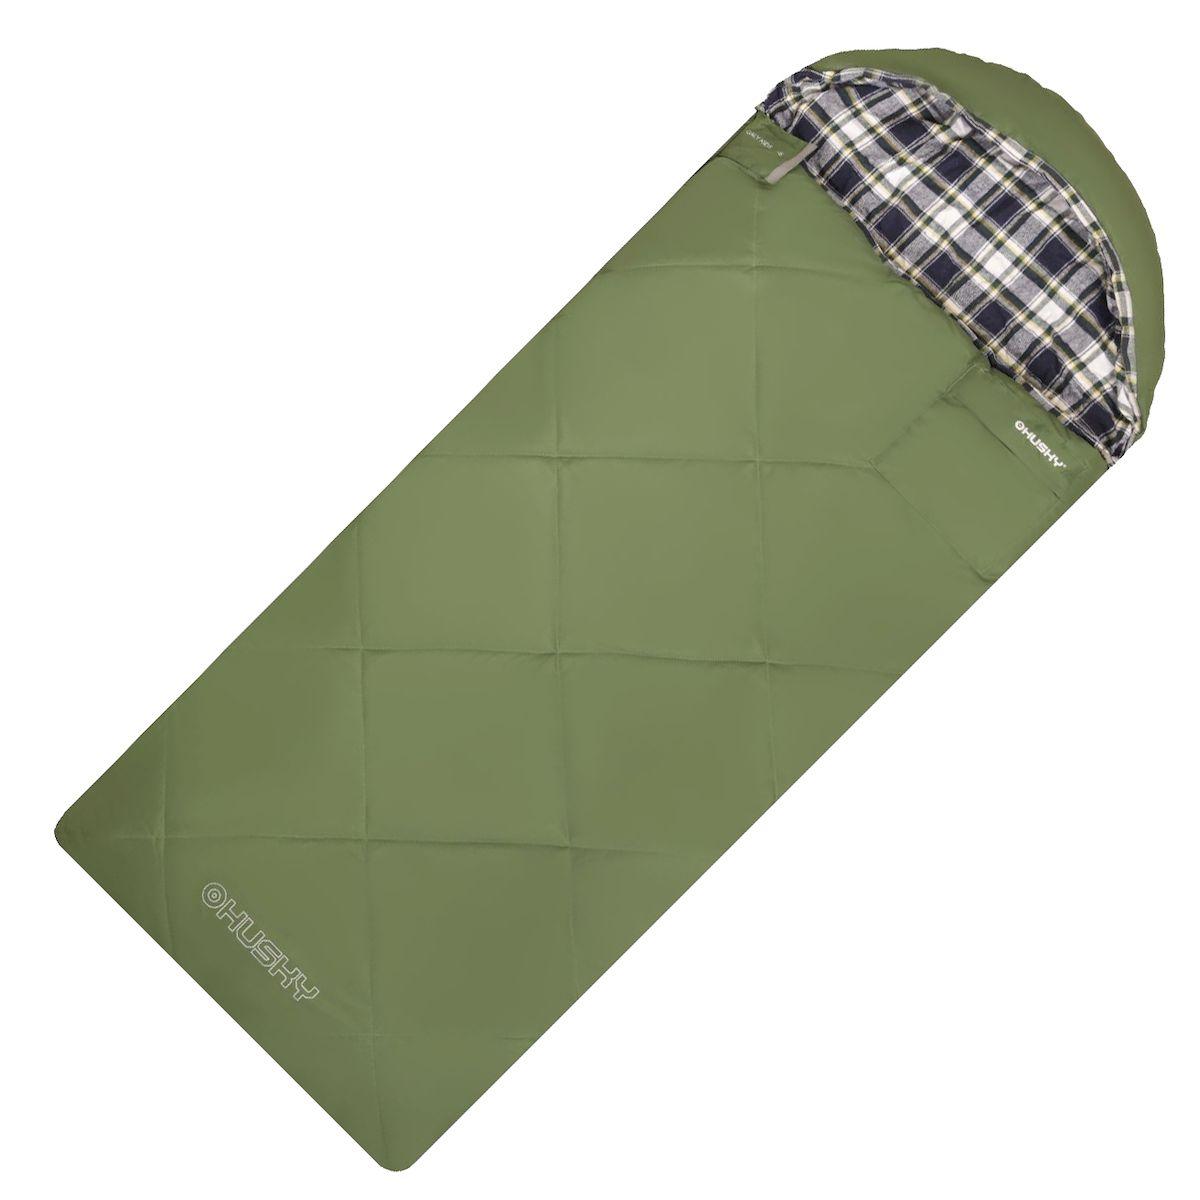 Спальник - одеяло Husky GALY KIDS -5С, левая молния, цвет: зеленый0-70-648Спальник-одеяло с подголовником детский до -5°C (НОВИНКА) GALY KIDS Двухслойный детский спальный мешок-одеяло для кемпинга. Утеплитель из 4-х канального холофайбера, превосходная комбинация теплового комфорта с комфортом традиционного спального мешка-одеяла. Galy можно использовать не только на природе, но и в помещении как традиционное одеяло. Размеры: 70х170 см Размеры в сложенном виде: 44х35х14 см Вес: 1800 г Экстремальная температура: -5 С Комфортная температура: -0 С ... +5 С - Внешний материал: Pongee 75D 210T (лен) - Внутренний материал: флис (полиэстер) - Утеплитель: 2 слоя 150 г/м2 HollowFibre, - Конструкция: два слоя - Компрессионный мешок - Петли для сушки